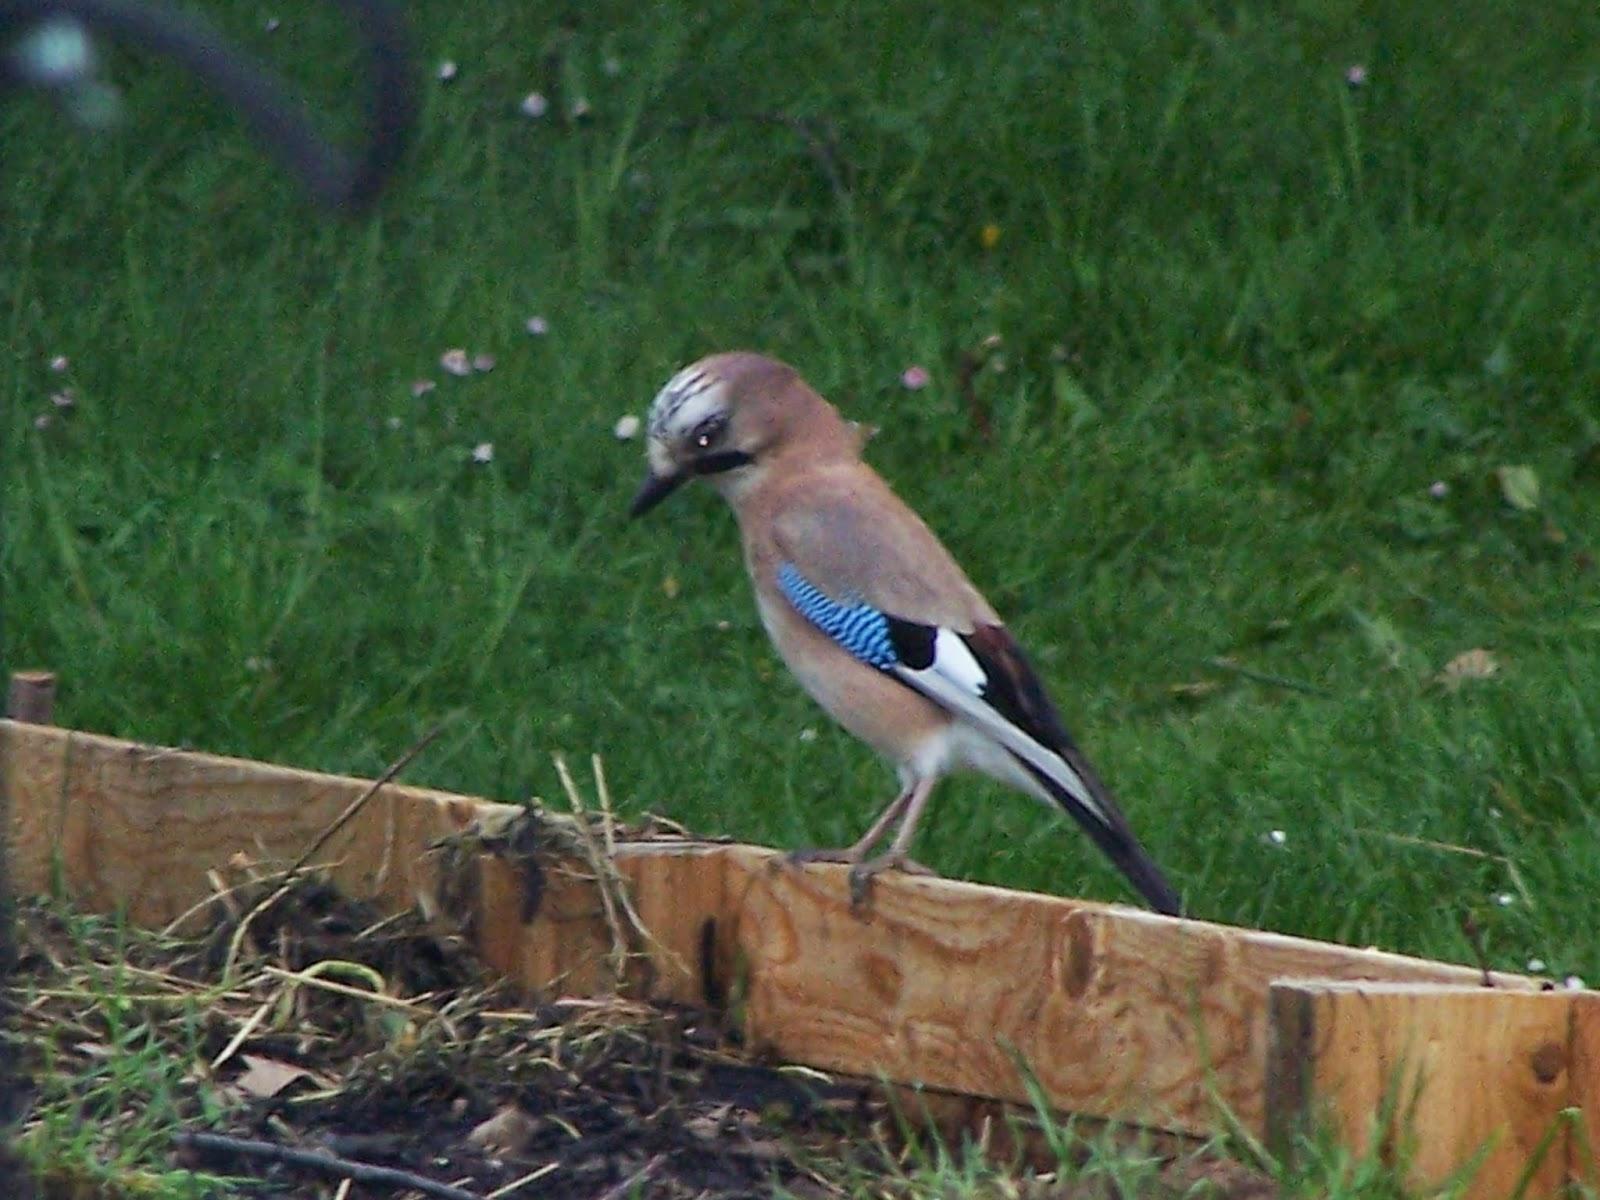 Ecolo bio nature permaculture urbaine et jardinage bio - Comment attirer les oiseaux dans son jardin ...